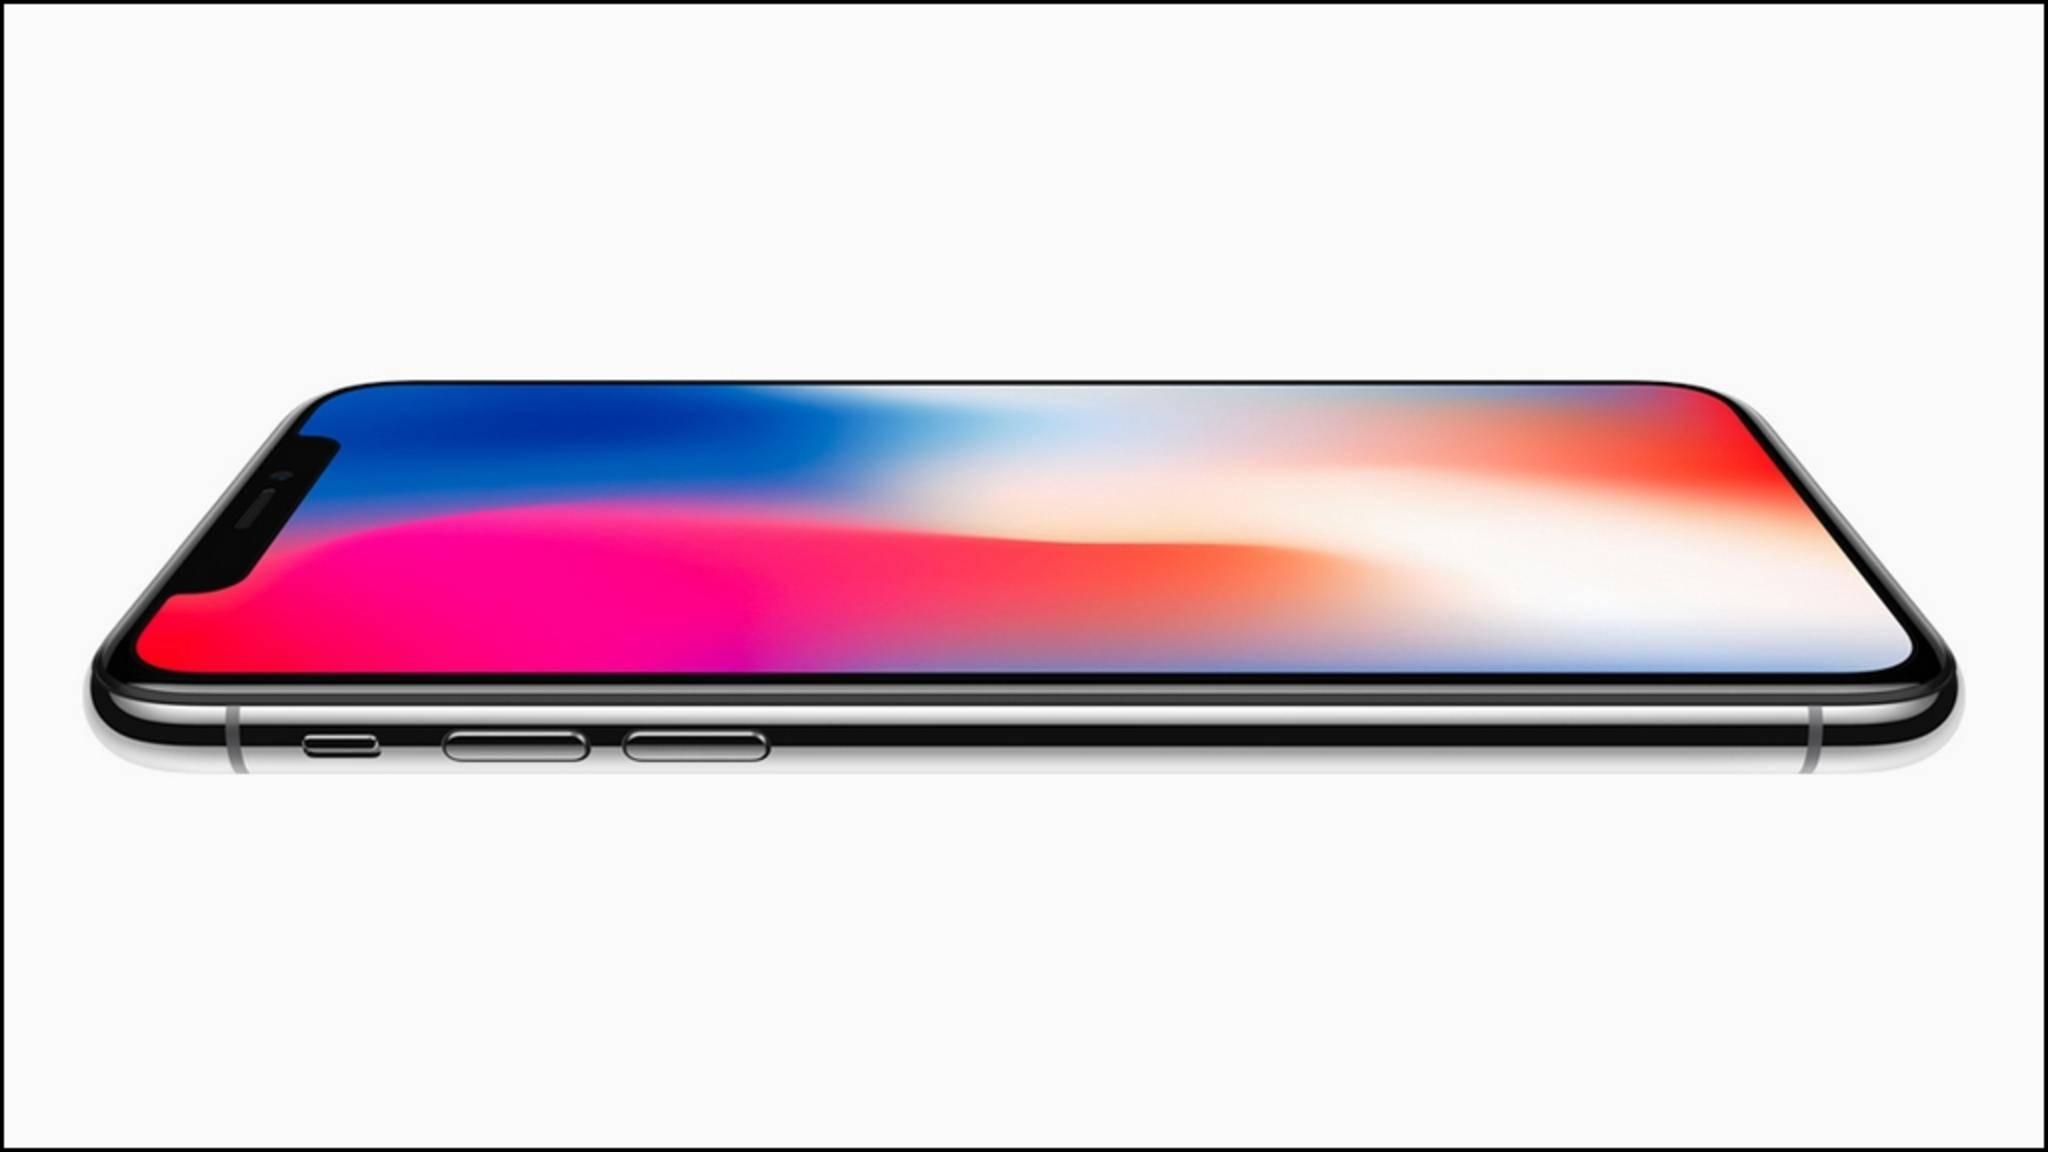 Der Screen des iPhone X erreicht nicht die gleiche Helligkeit wie jener im Samsung Galaxy S8.